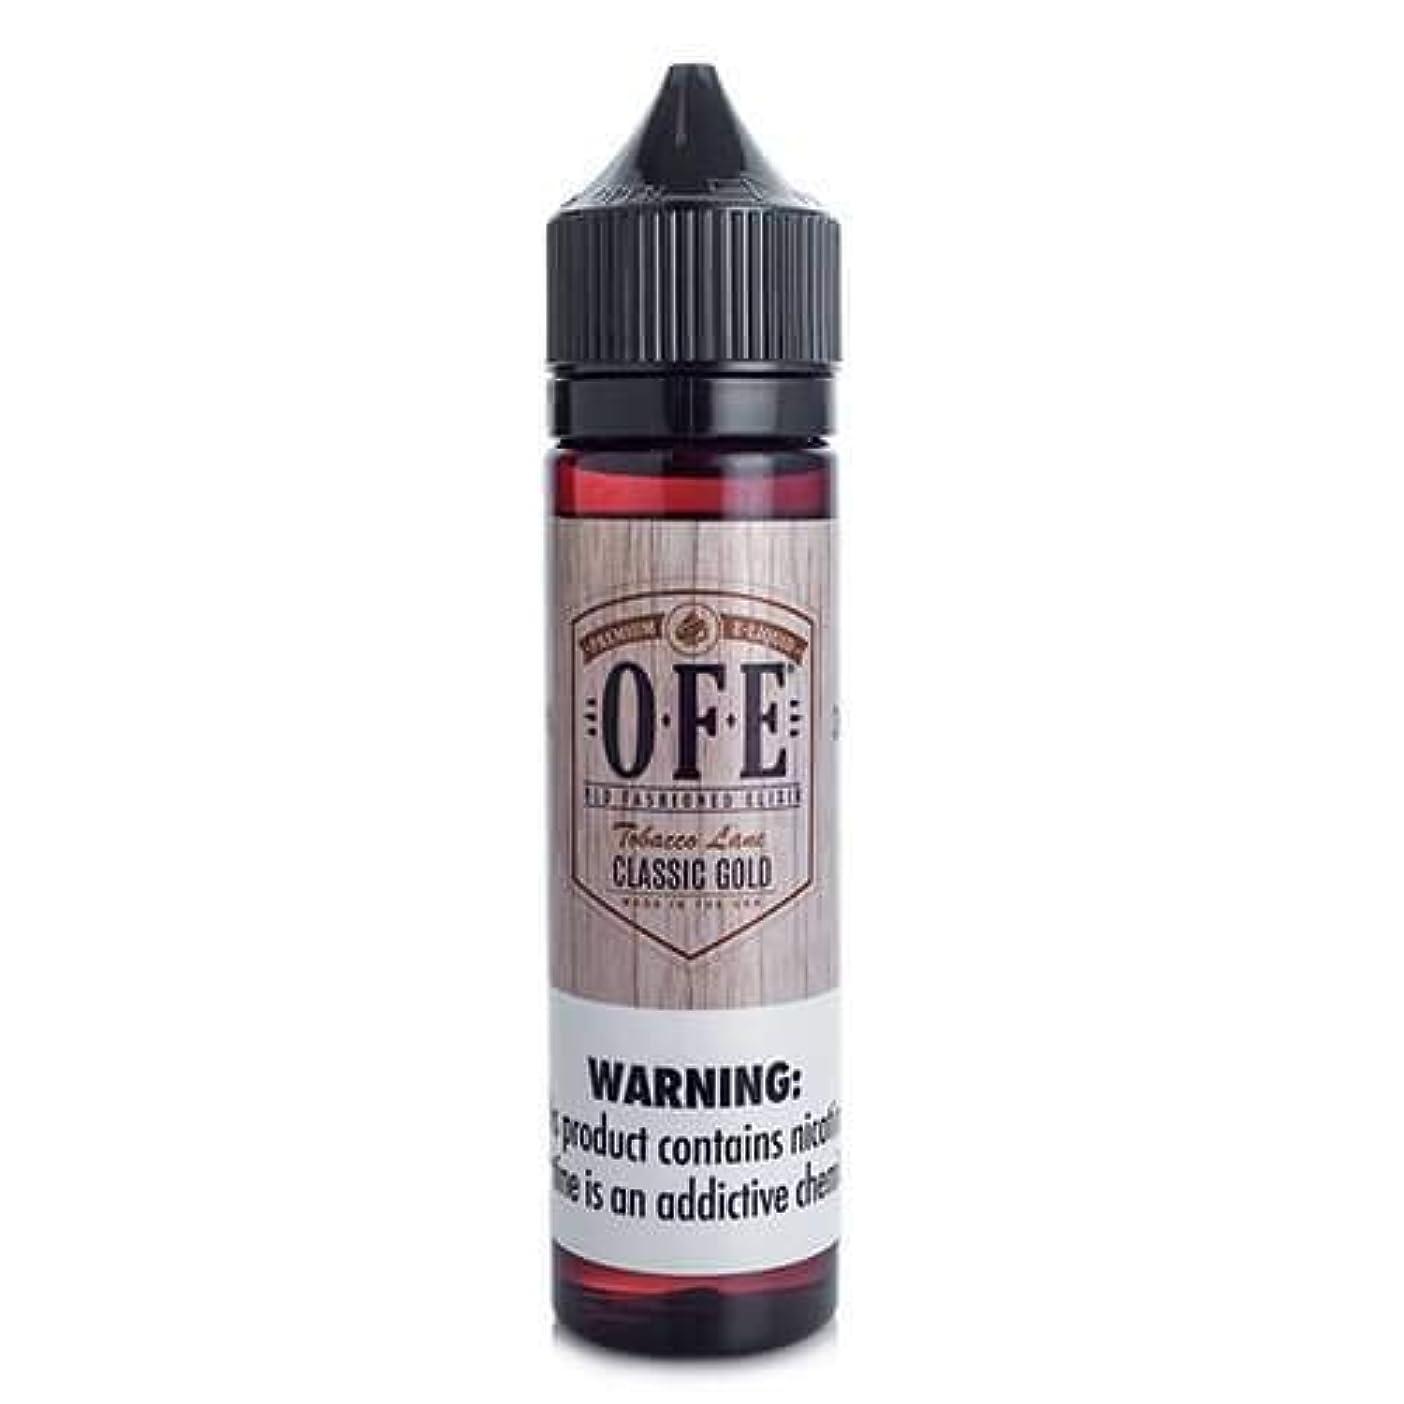 何でも日の出施し大人気 OFE (OLD FASHIONED ELIXIR) Vape 電子タバコ リキッド USA産 VapeHub.JPオリジナルセット (CLASSIC GOLD, 60ml)